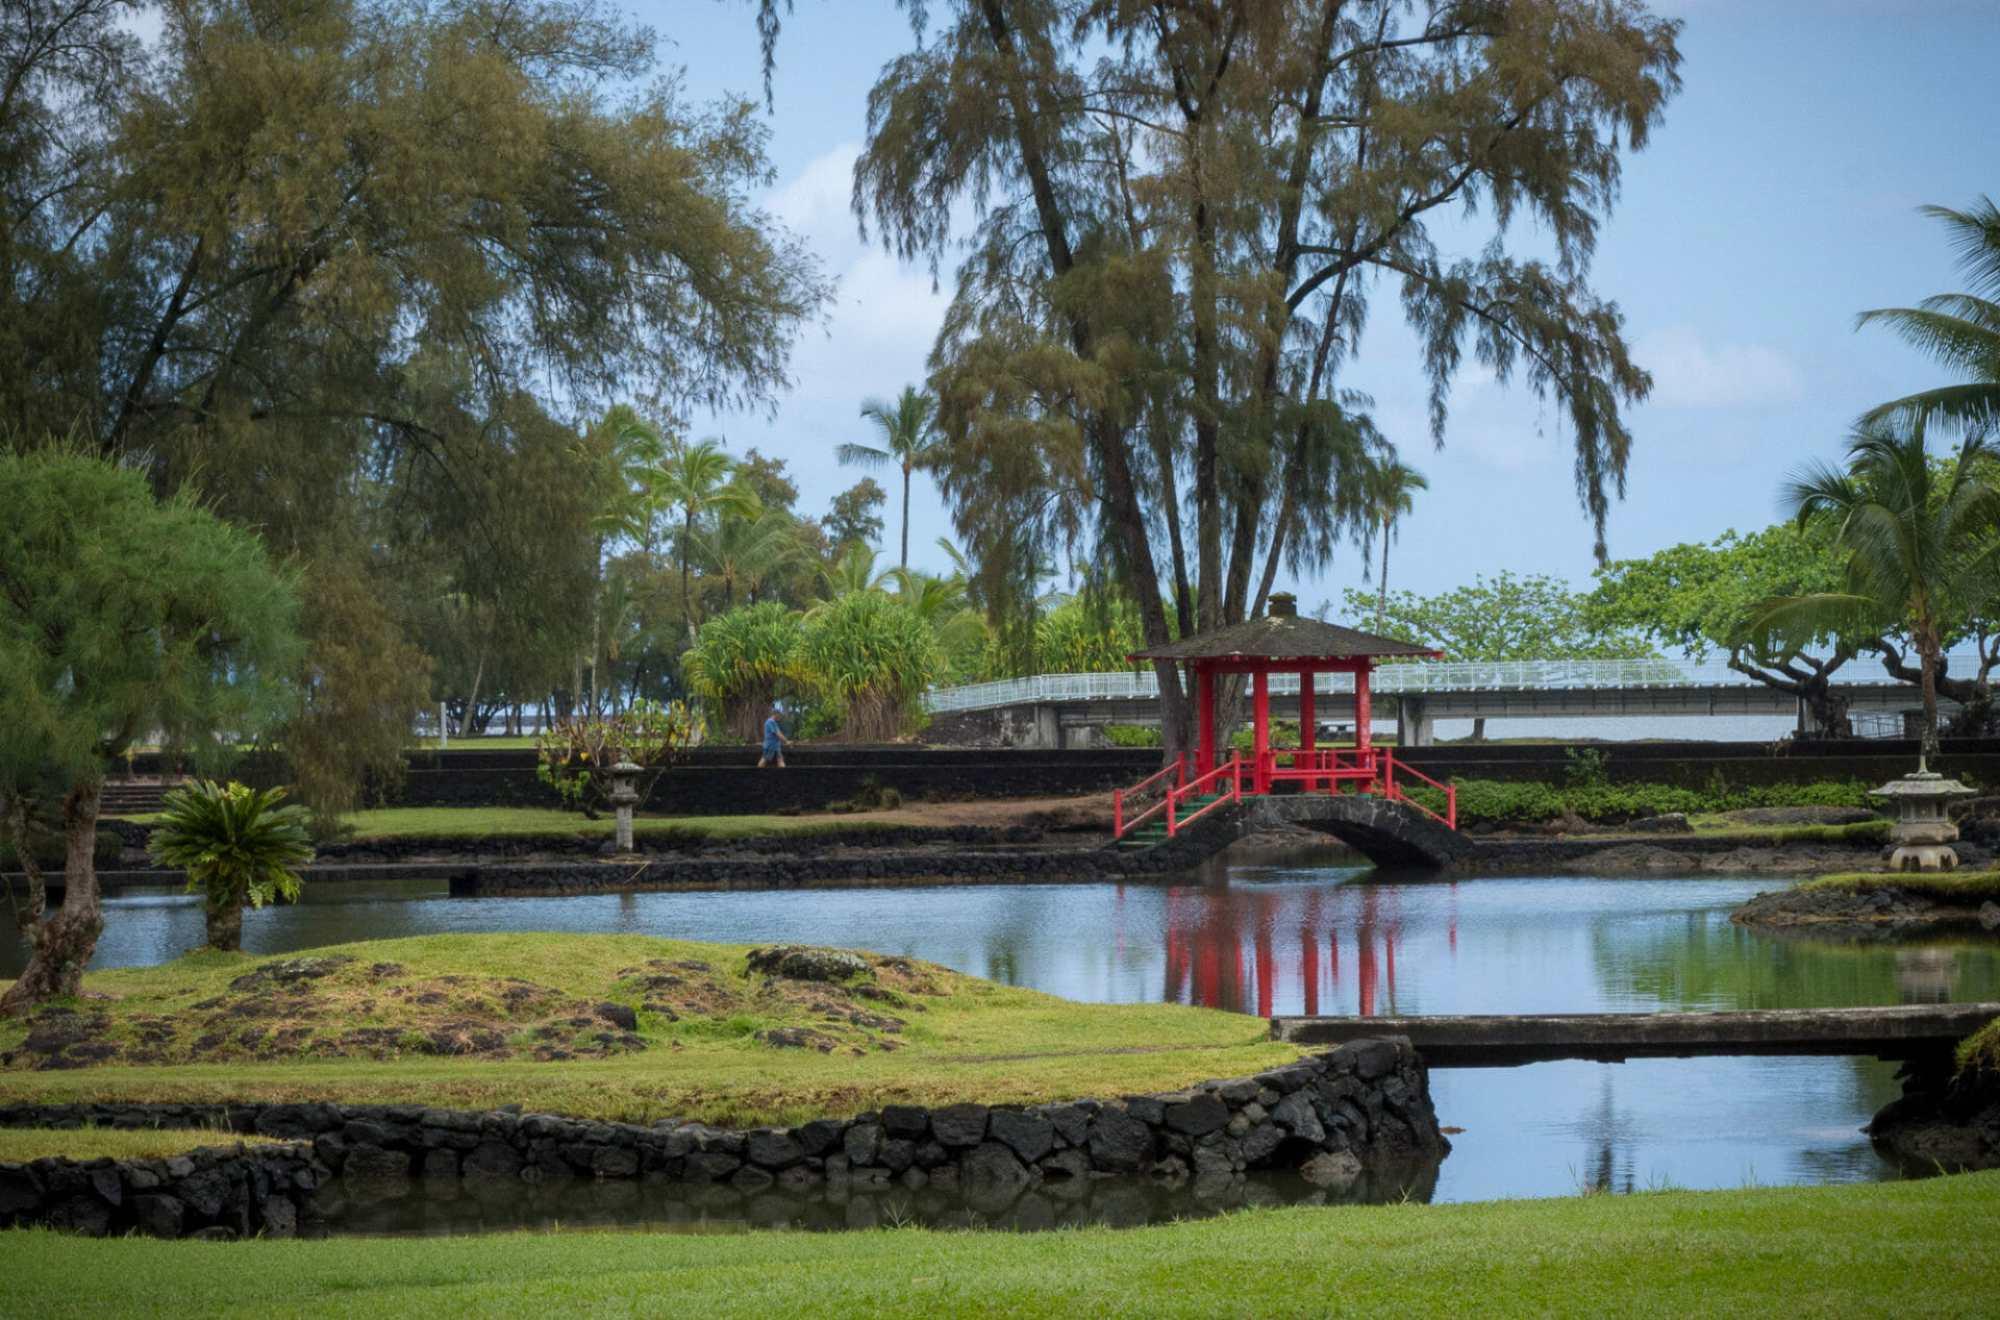 red gazebo at Liliuokalani Gardens